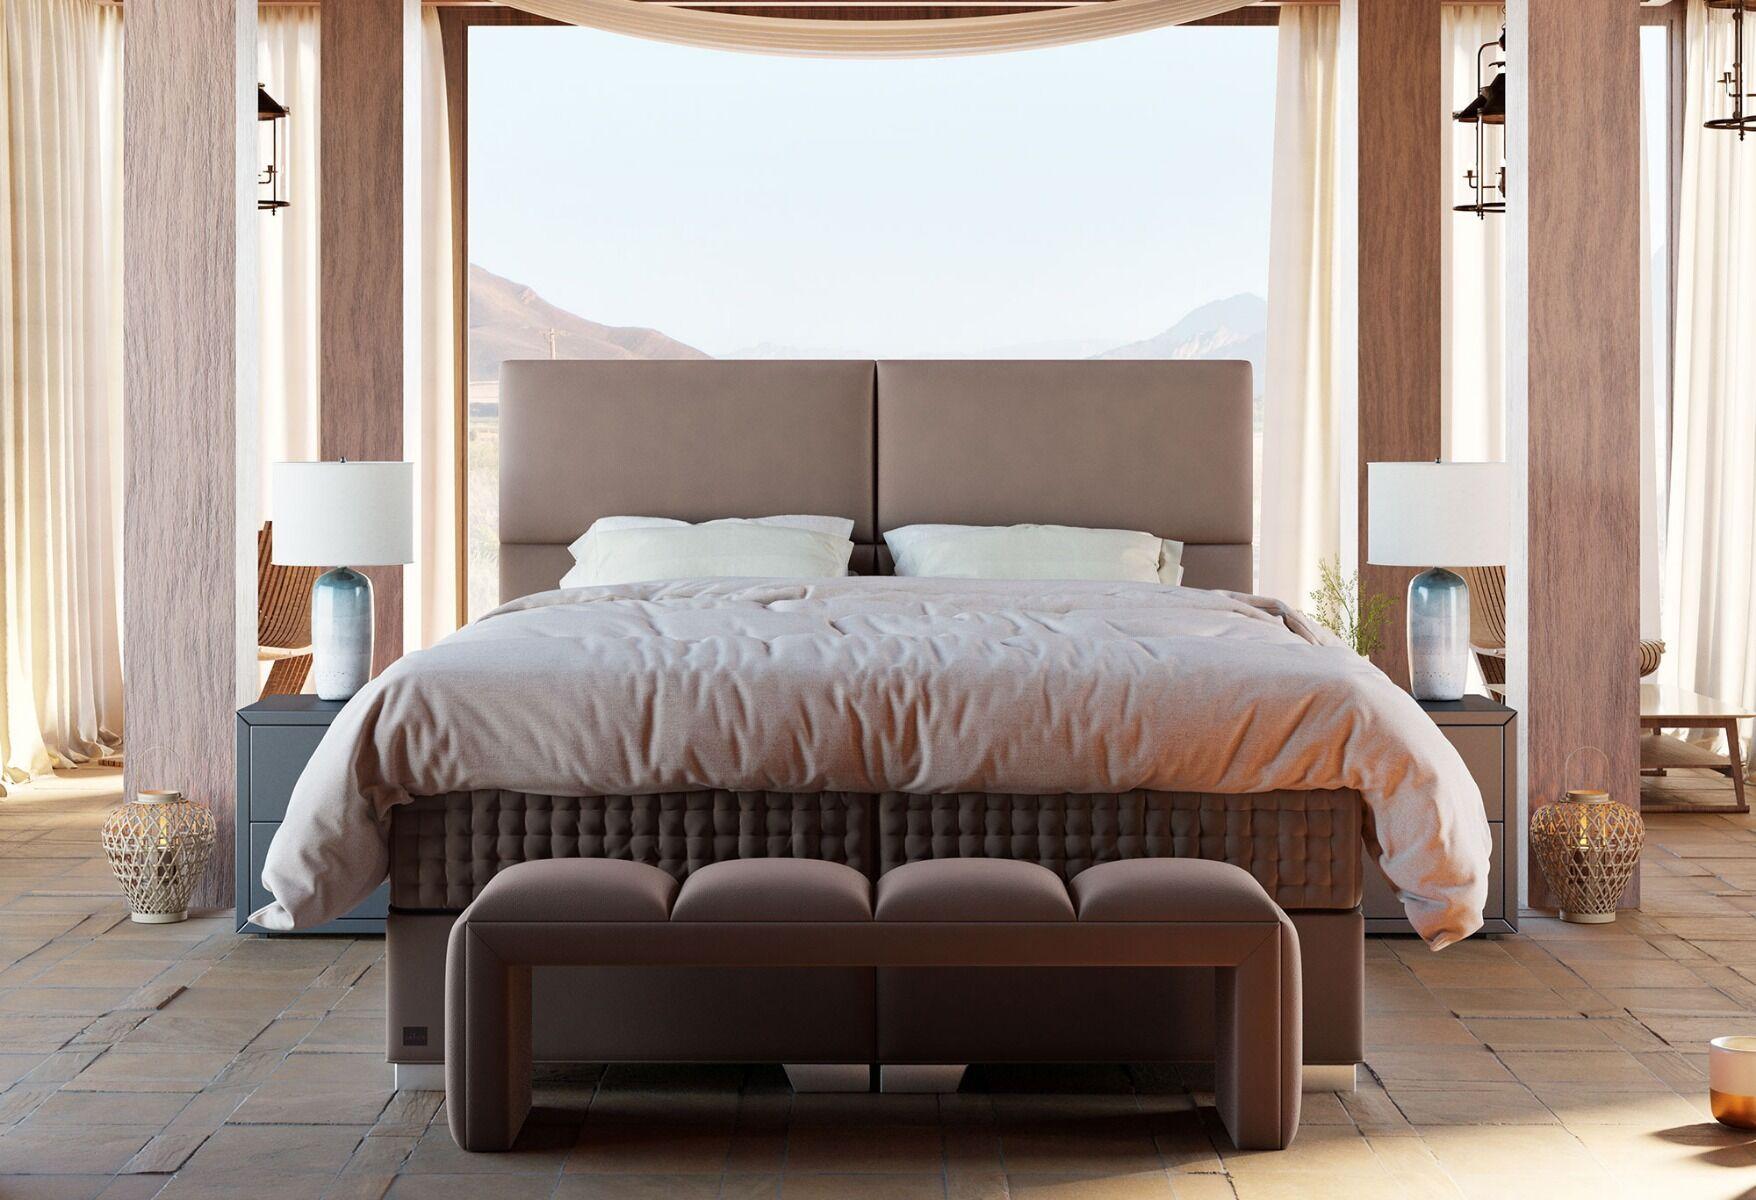 Bed 10 - Tijd voor een nieuw bed? Bedden inspiratie!